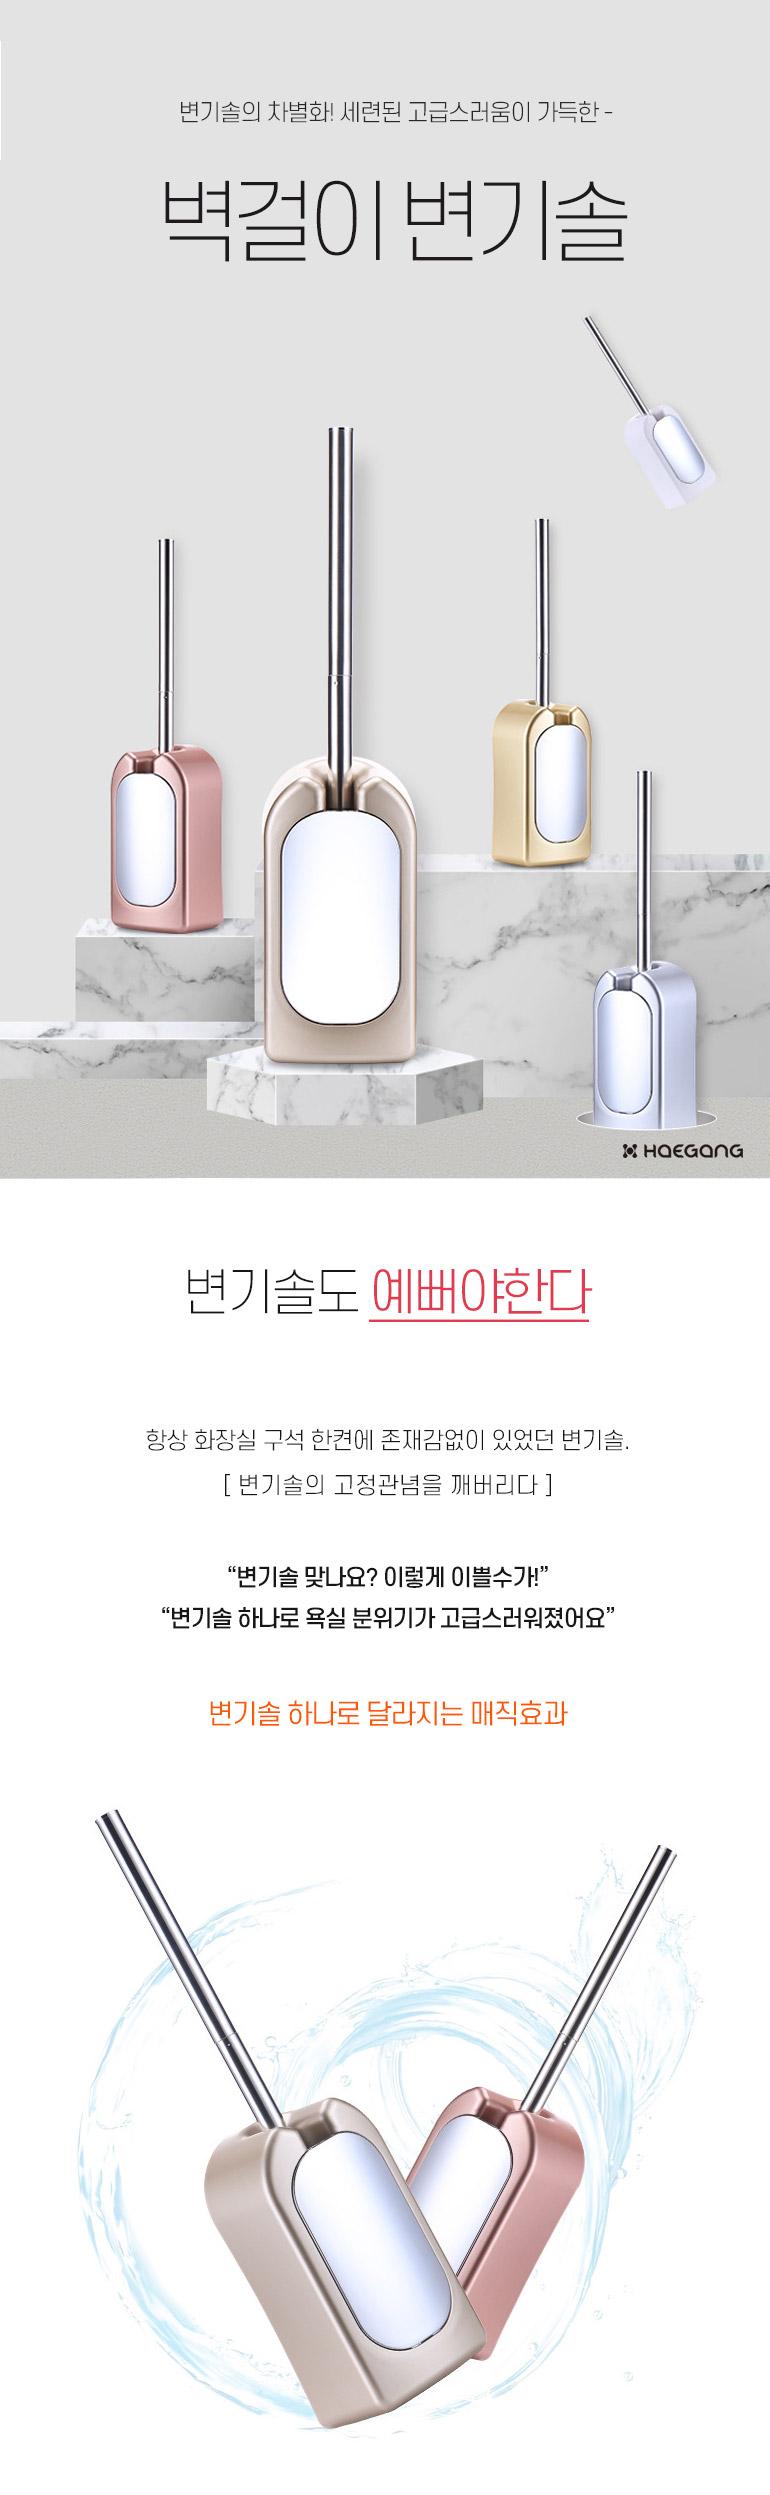 부착식 벽걸이 변기솔 - 세일덕, 12,900원, 변기용품, 변기솔